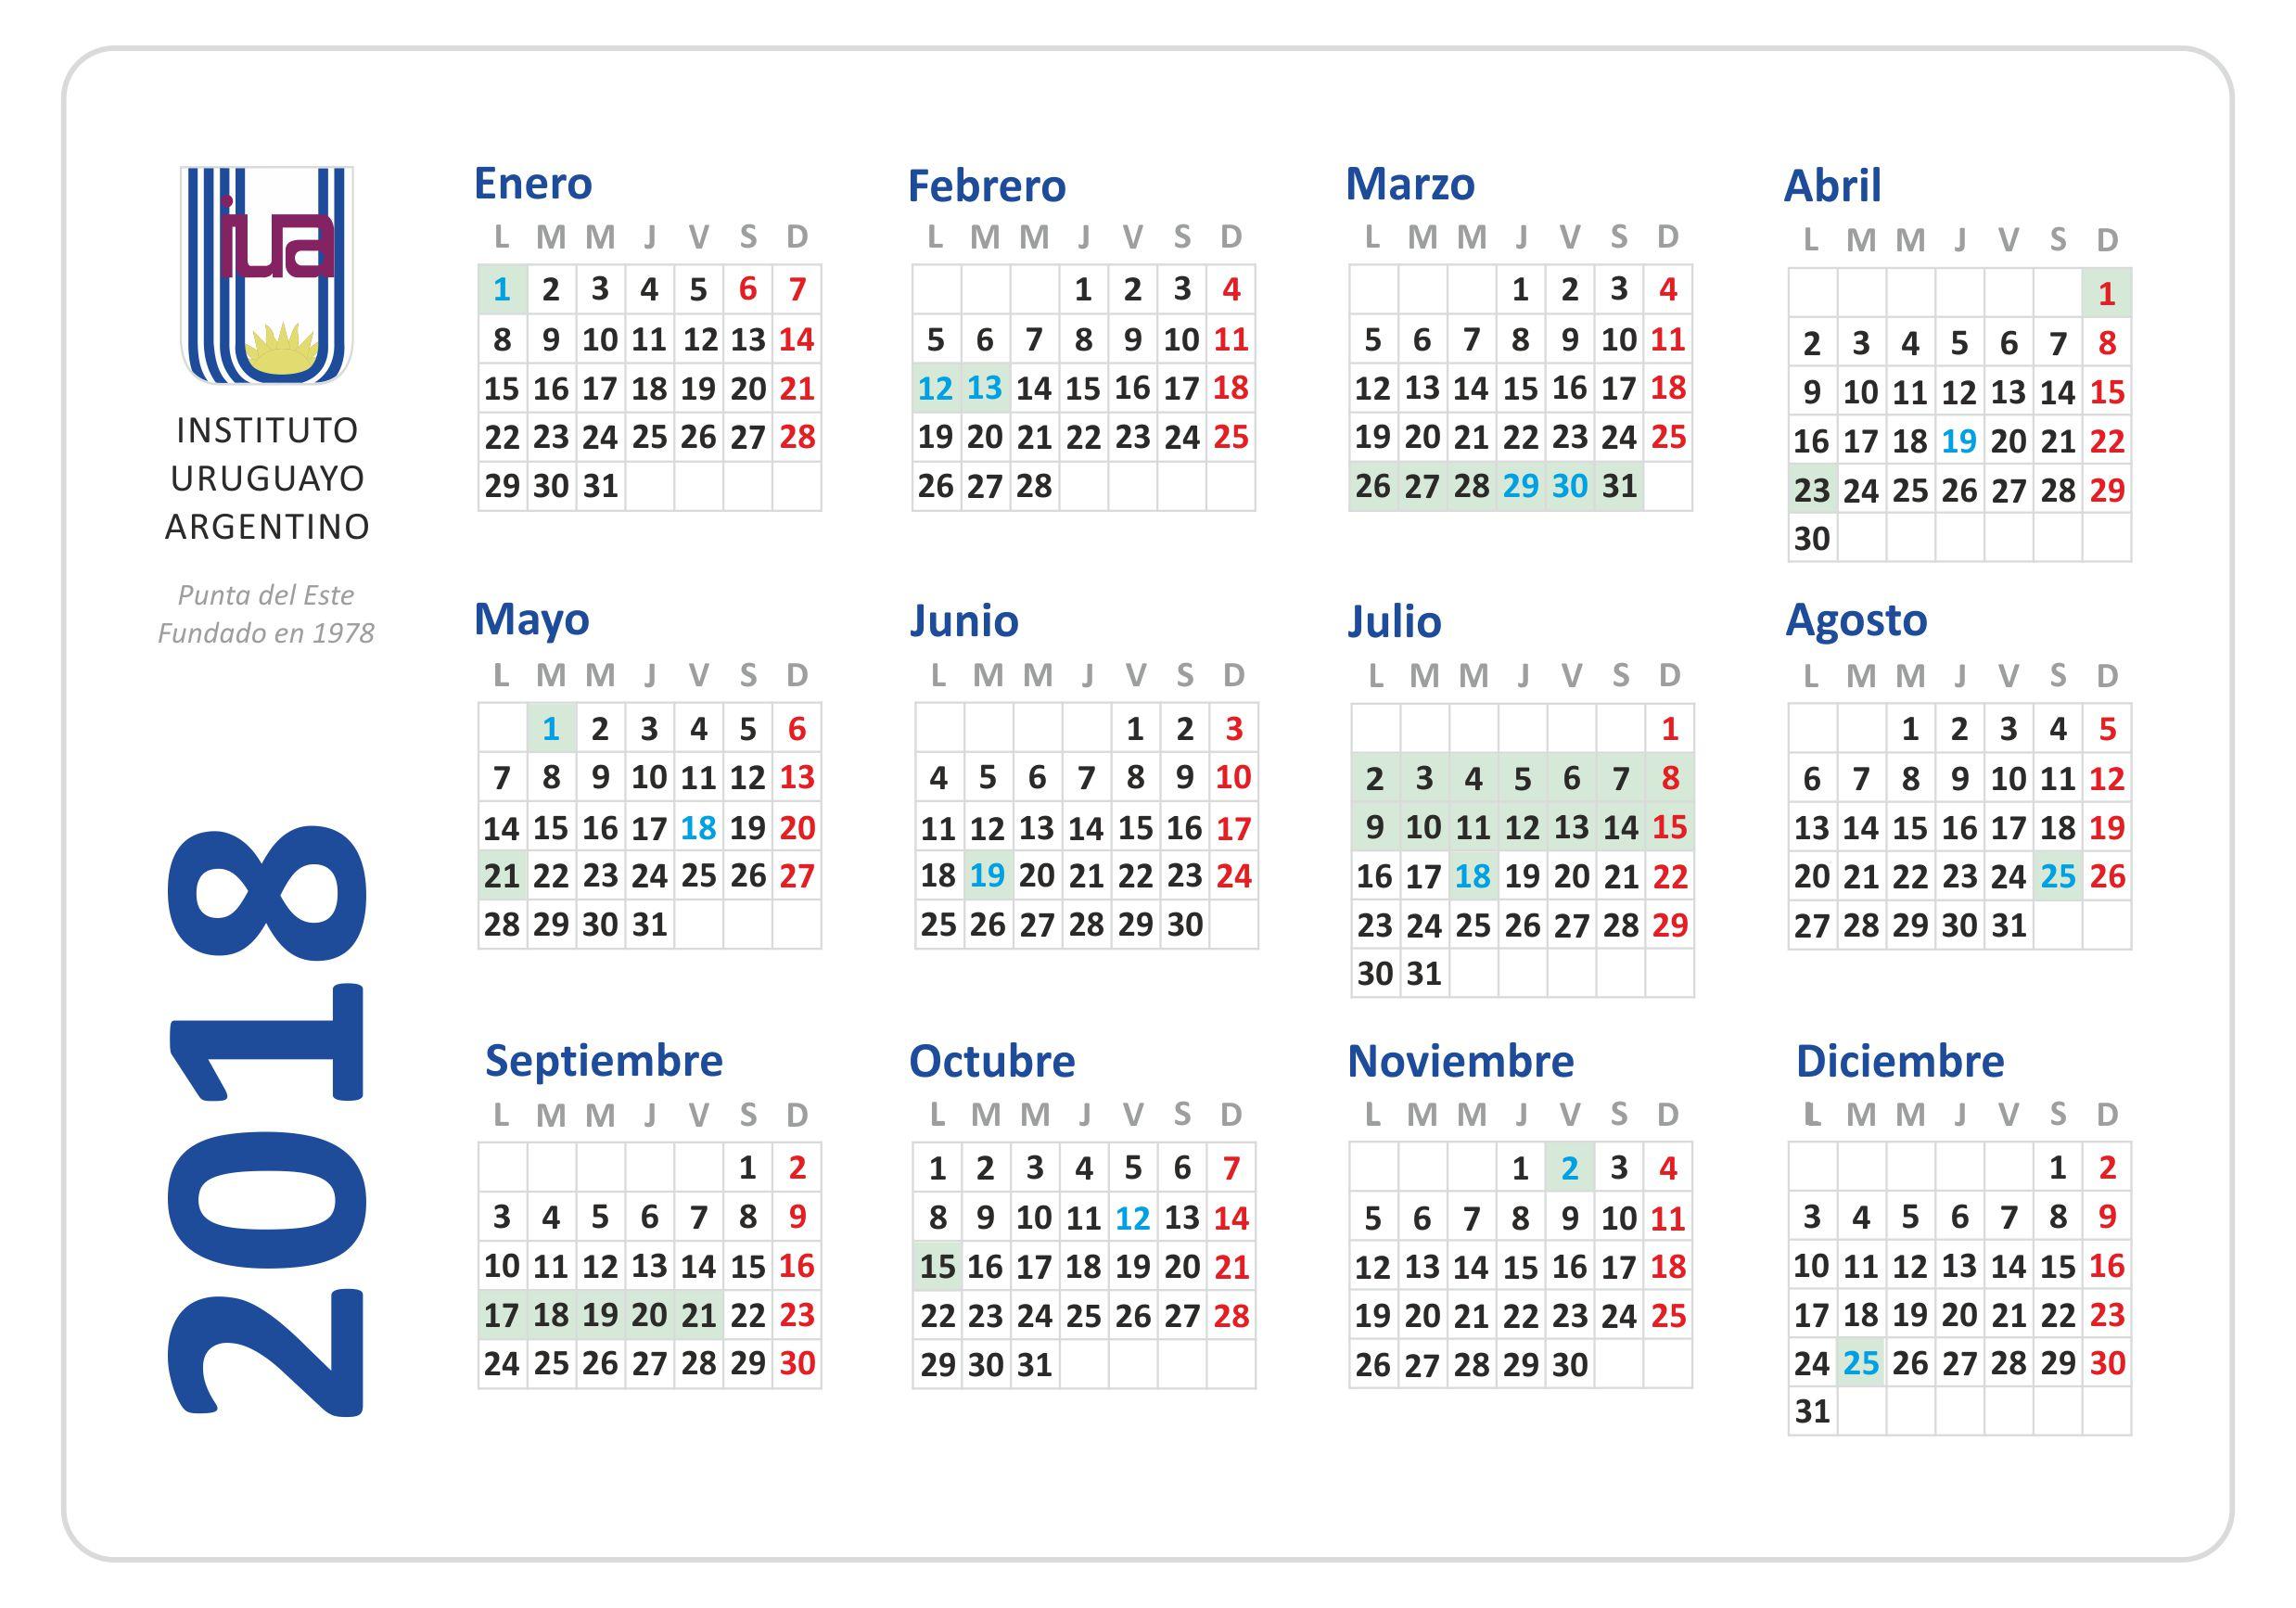 Calendario 2o18.Index Of Wp Content Uploads 2018 01